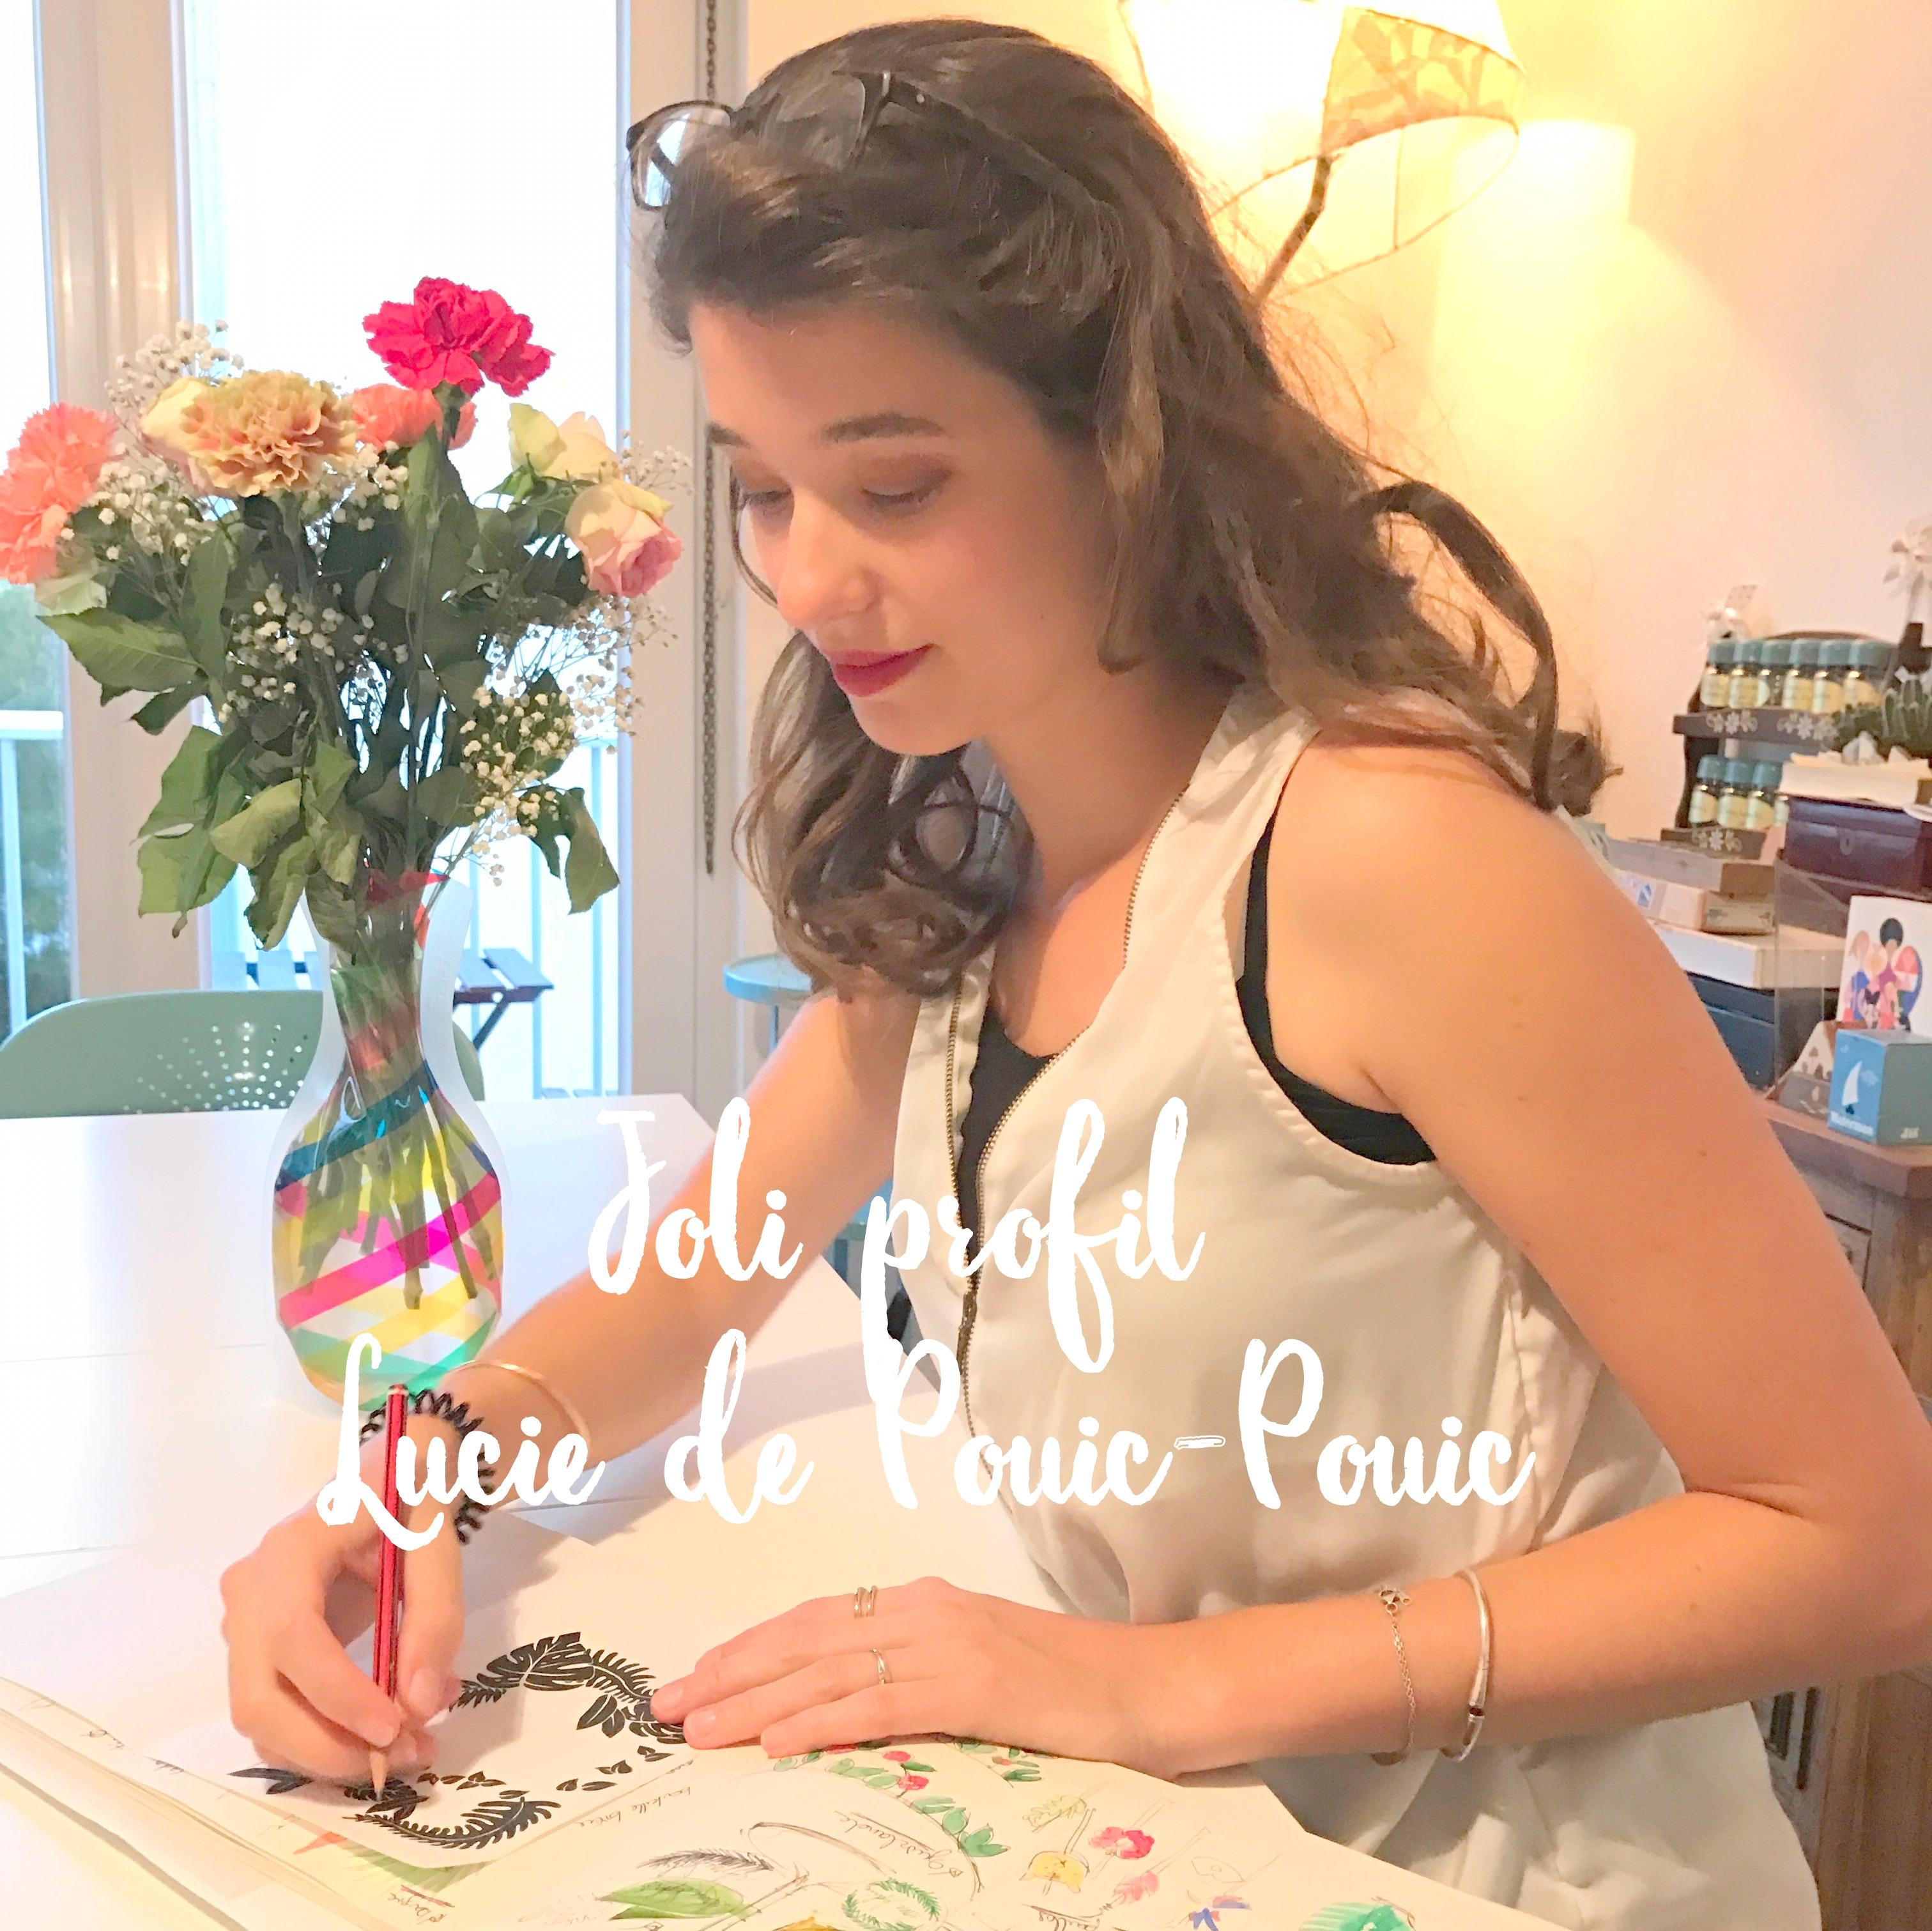 Joli Profil : Lucie de Pouic-Pouic !